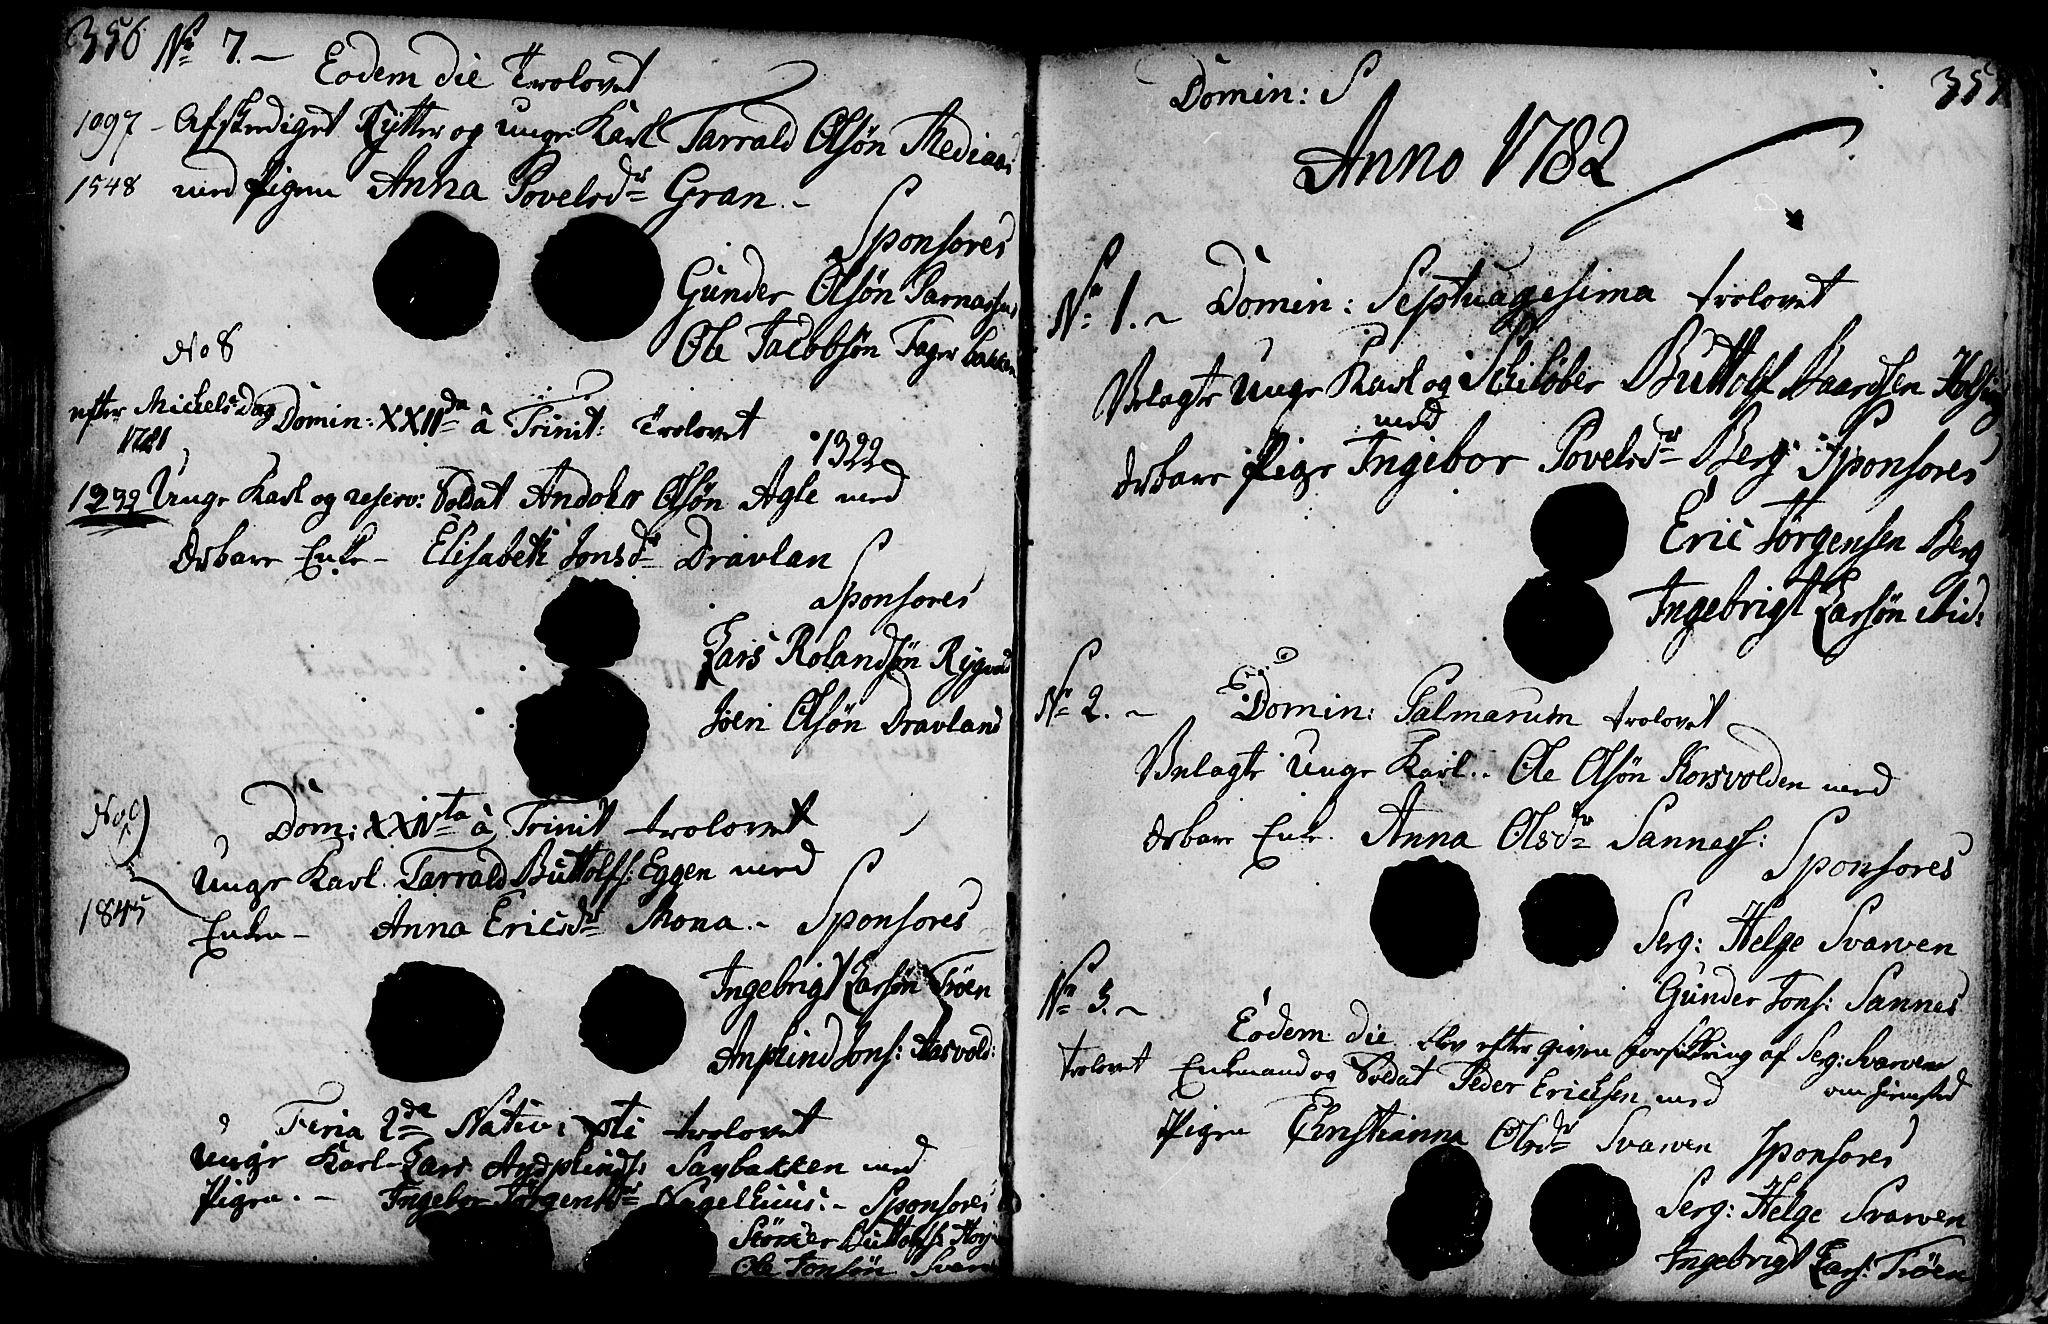 SAT, Ministerialprotokoller, klokkerbøker og fødselsregistre - Nord-Trøndelag, 749/L0467: Ministerialbok nr. 749A01, 1733-1787, s. 356-357